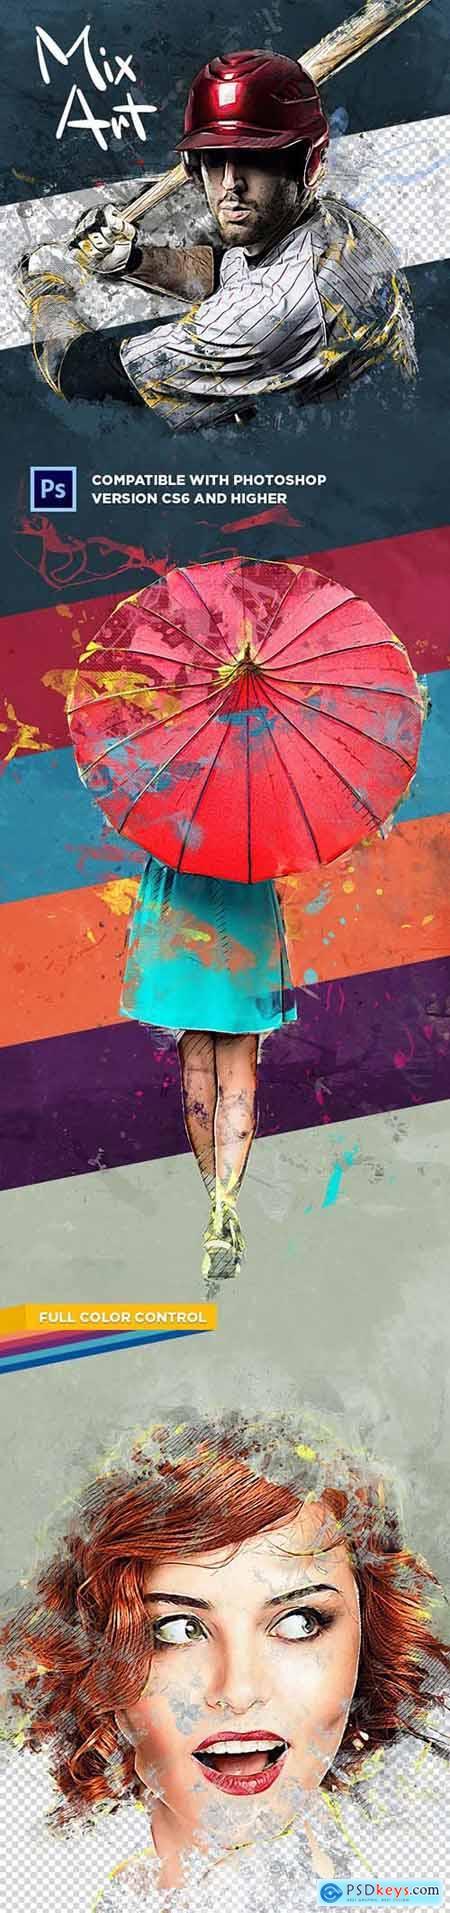 Mix Art CS6+ Photoshop Action 31305951